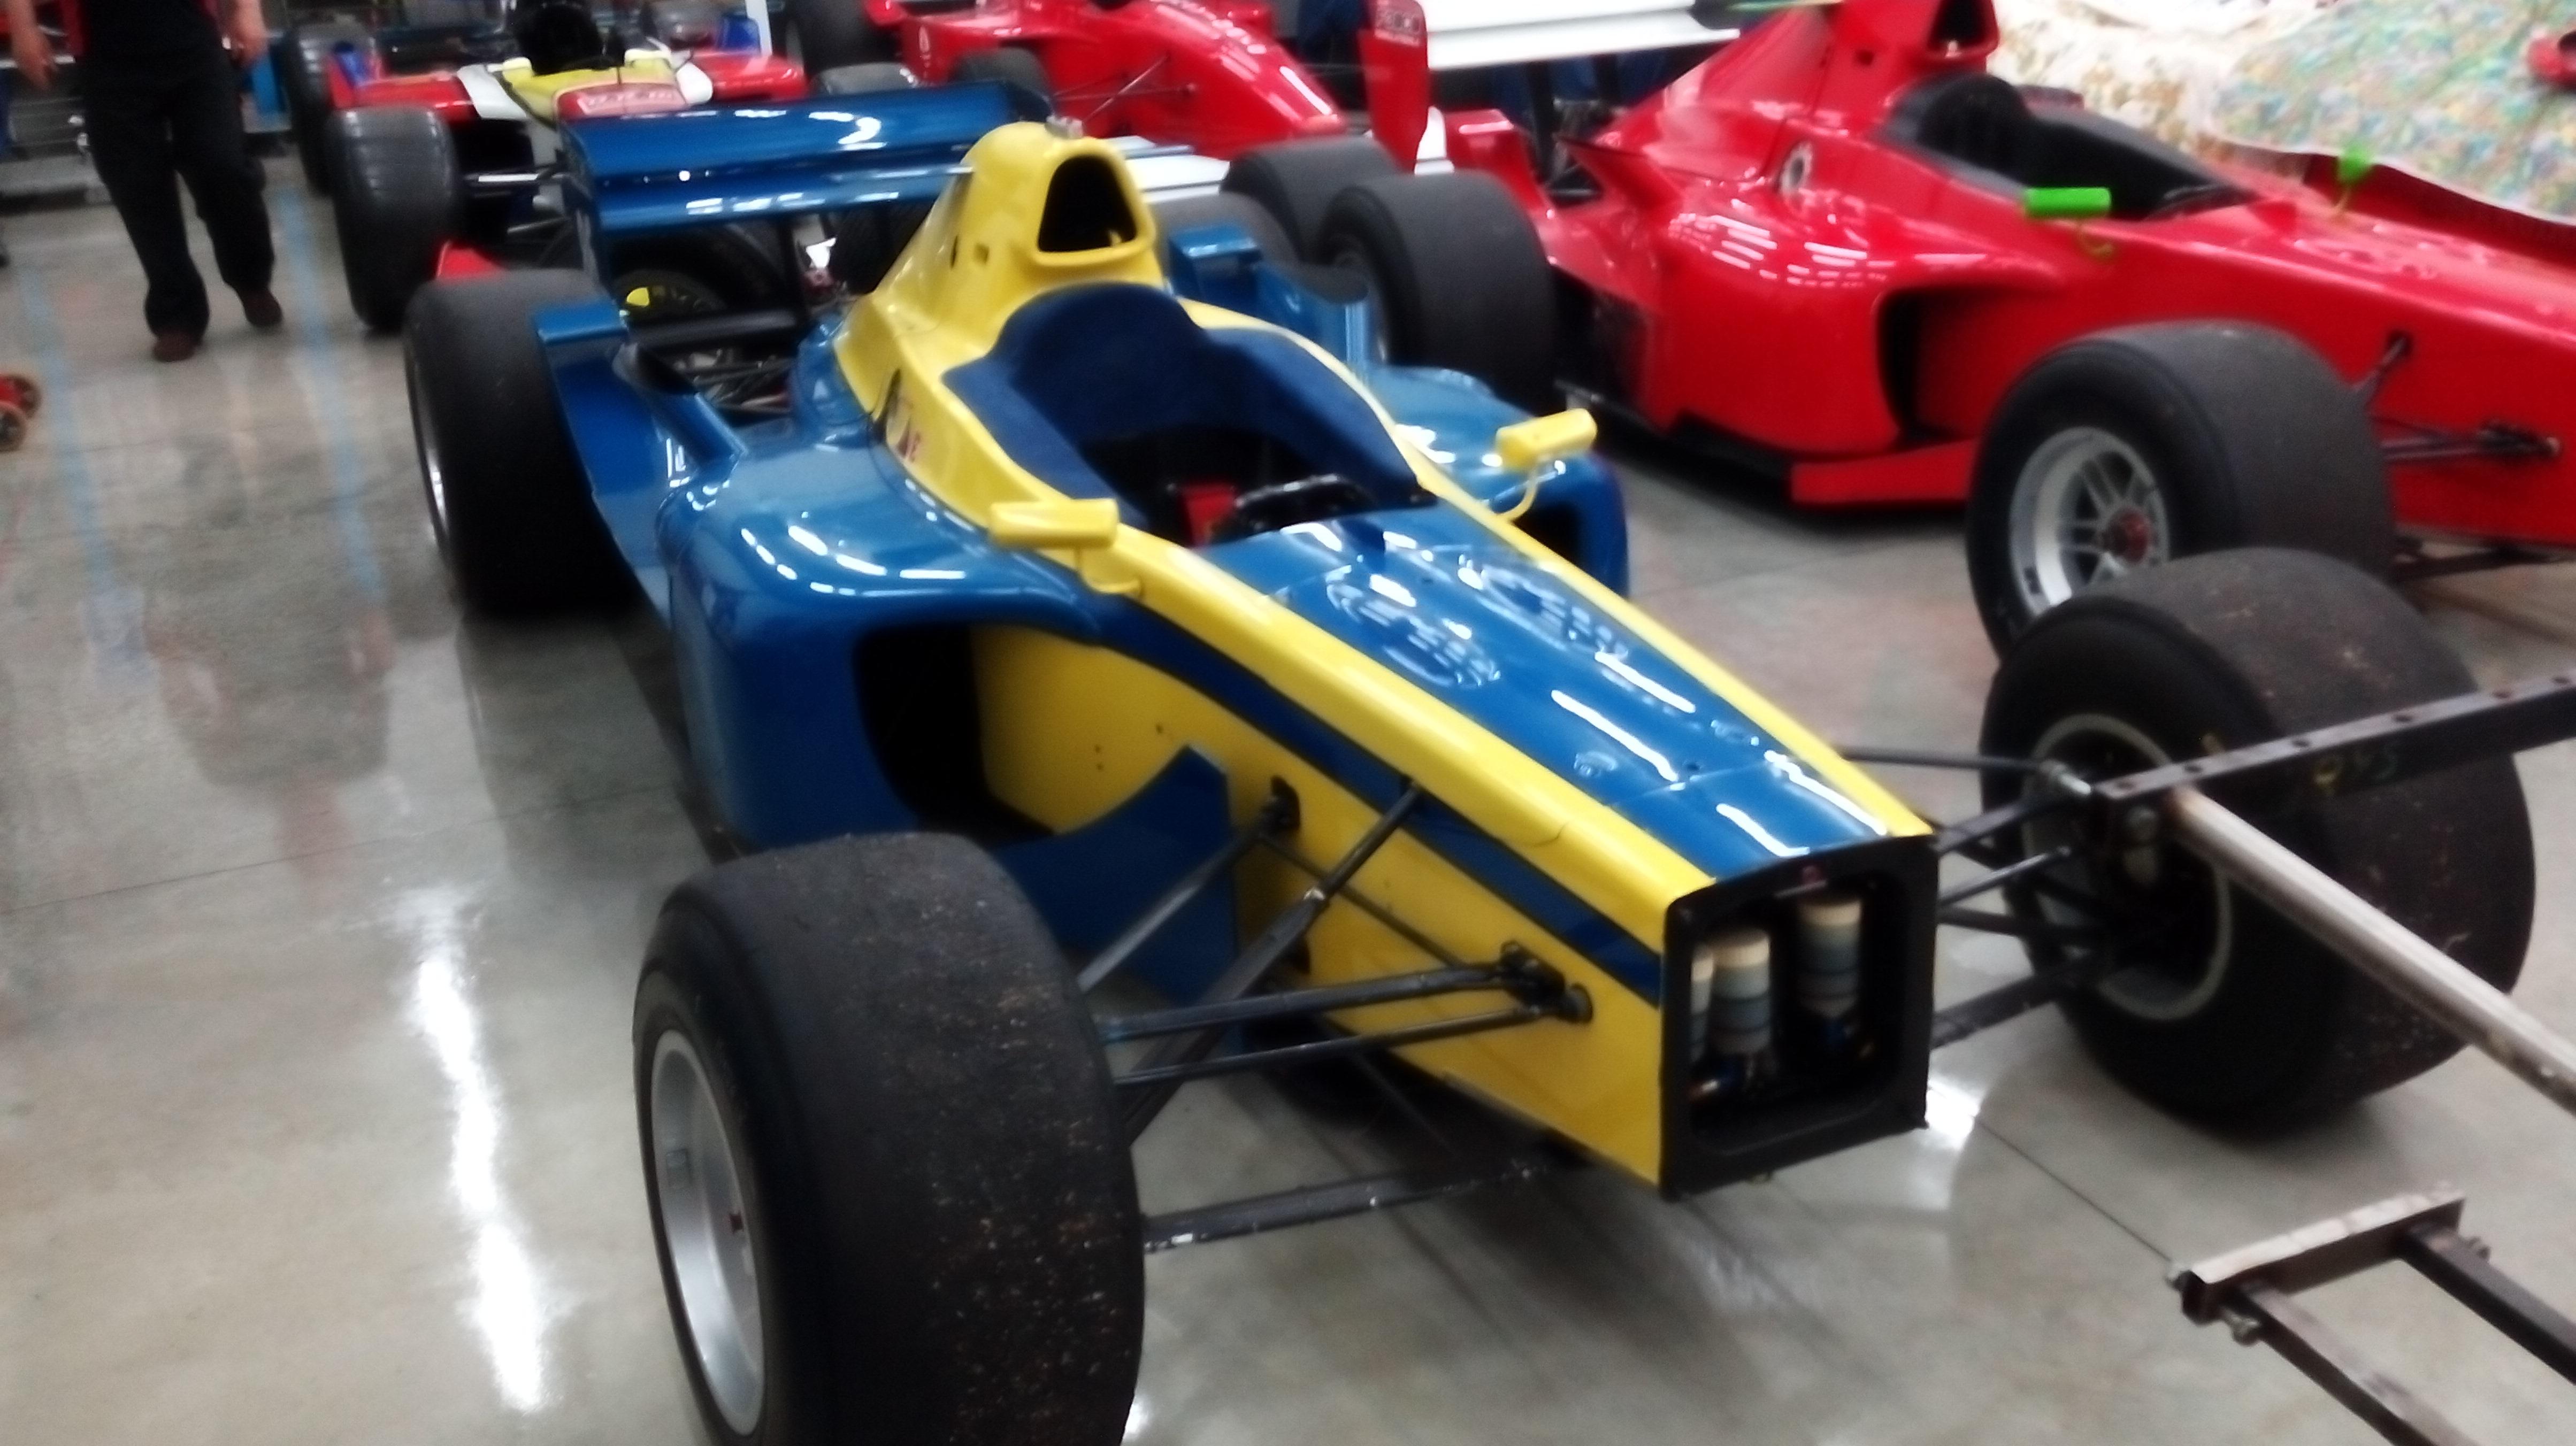 lola f3000 022 con motore